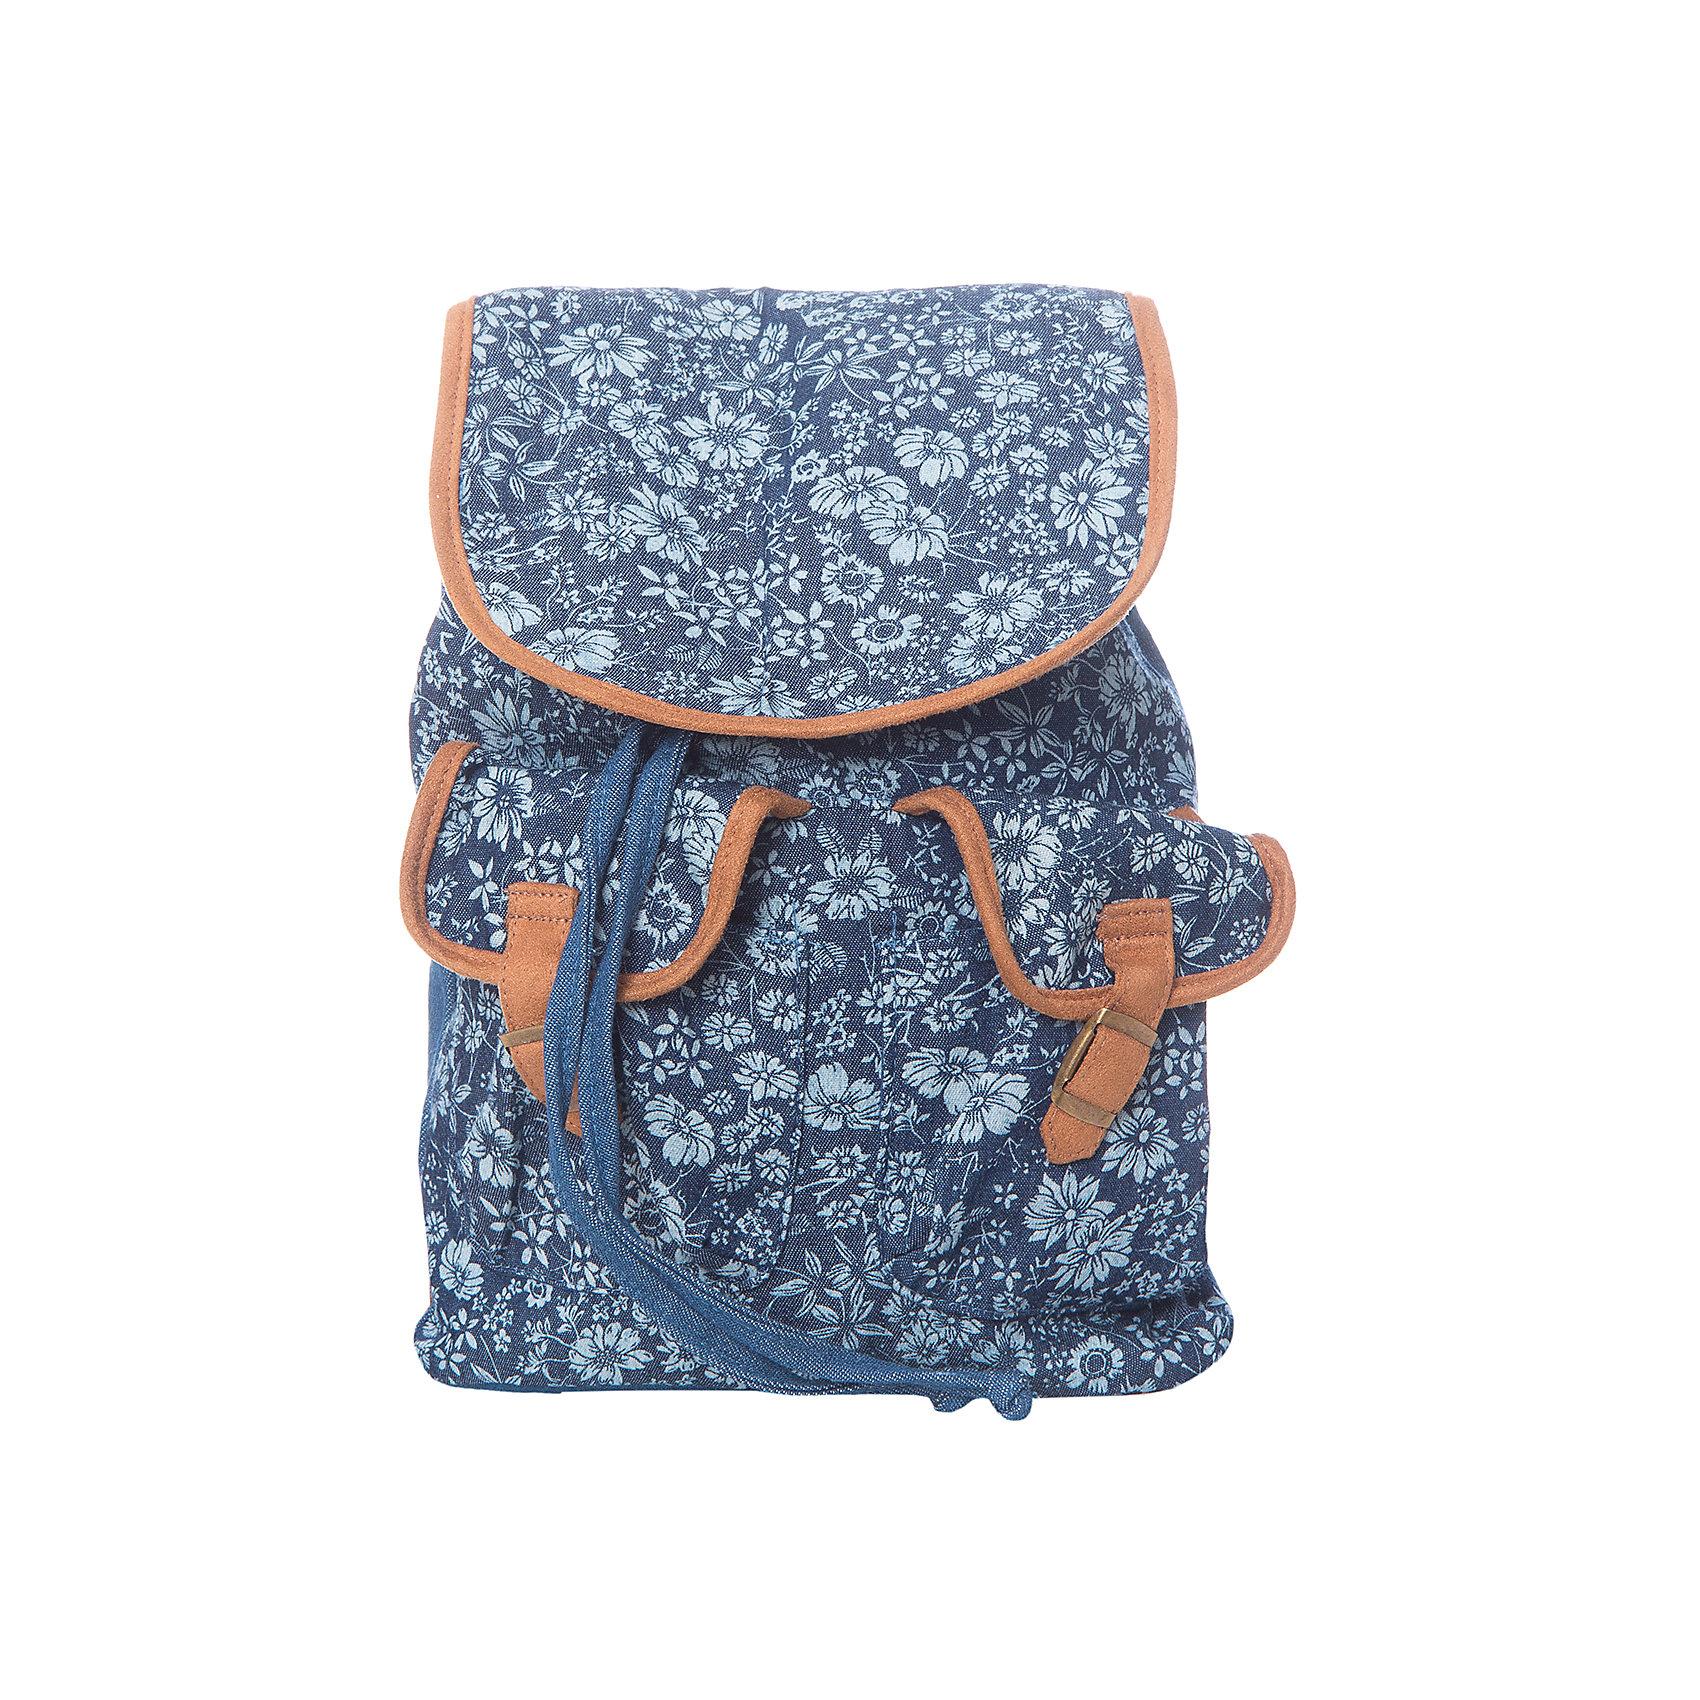 Рюкзак  PlayToday для девочкиСумки и рюкзаки<br>Характеристики товара:<br><br>• цвет: синий<br>• состав: 100% хлопок<br>• застёжка: шнурок-утяжка<br>• количество отделений: 1<br>• наружные карманы<br>• регулируемые лямки<br>• ширина: 20 см<br>• глубина: 8 см<br>• высота: 30 см<br>• страна бренда: Германия<br>• страна производства: Китай<br><br>Городской рюкзак для девочки PlayToday (Плей Тудей). Этот эффектный рюкзак с цветочным рисунком понравится ребенку. В нем поместятся все необходимые принадлежности. Выполнен из натуральной хлопковой ткани. Модель с регулируемыми анатомическими лямками.<br><br>Рюкзак для девочки от известного бренда PlayToday можно купить в нашем интернет-магазине.<br><br>Ширина мм: 227<br>Глубина мм: 11<br>Высота мм: 226<br>Вес г: 350<br>Цвет: белый<br>Возраст от месяцев: 6<br>Возраст до месяцев: 9<br>Пол: Женский<br>Возраст: Детский<br>Размер: one size<br>SKU: 5407683